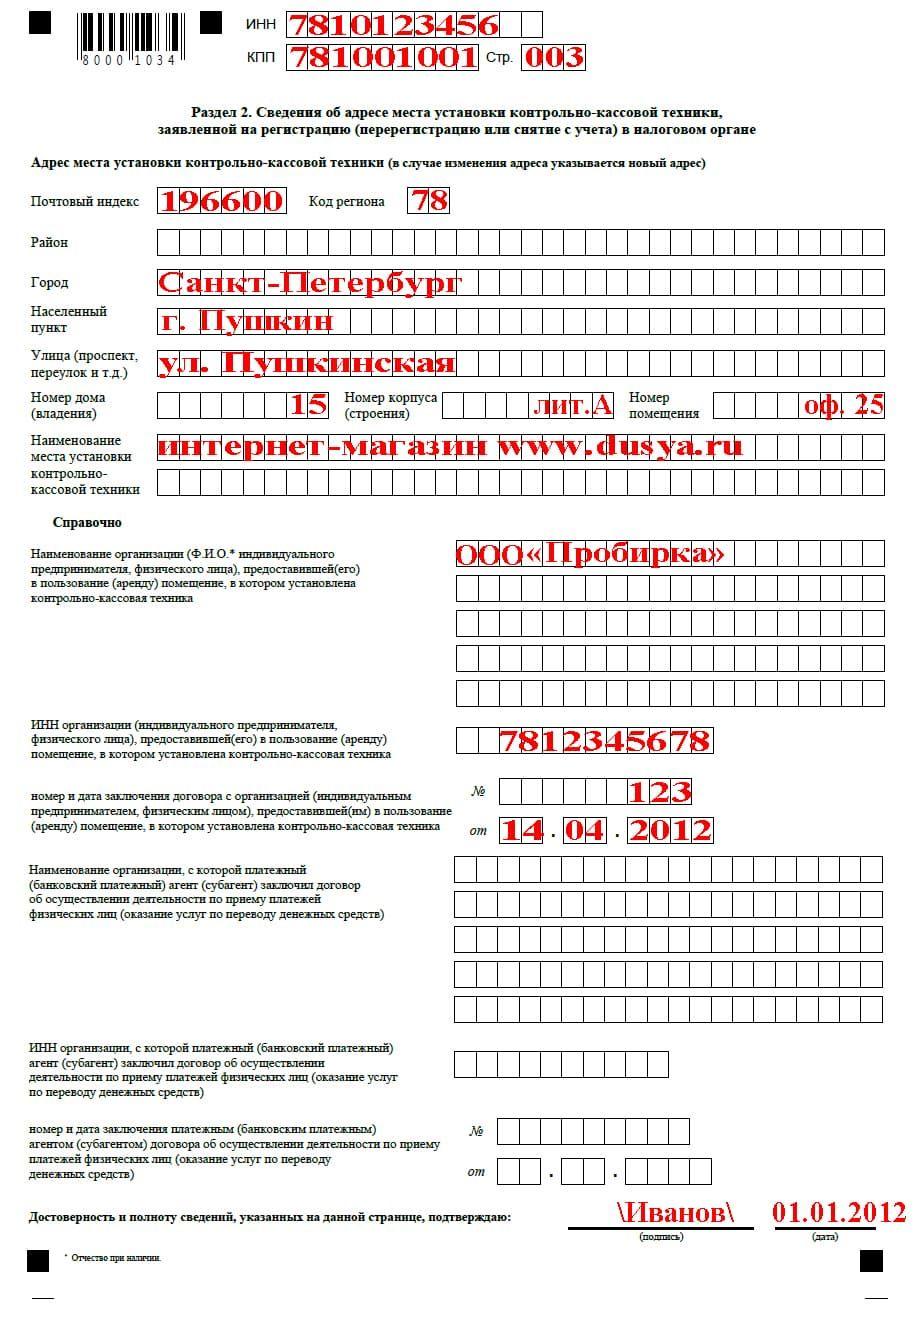 Заявление на инн форма 2-2 учет скачать - d18